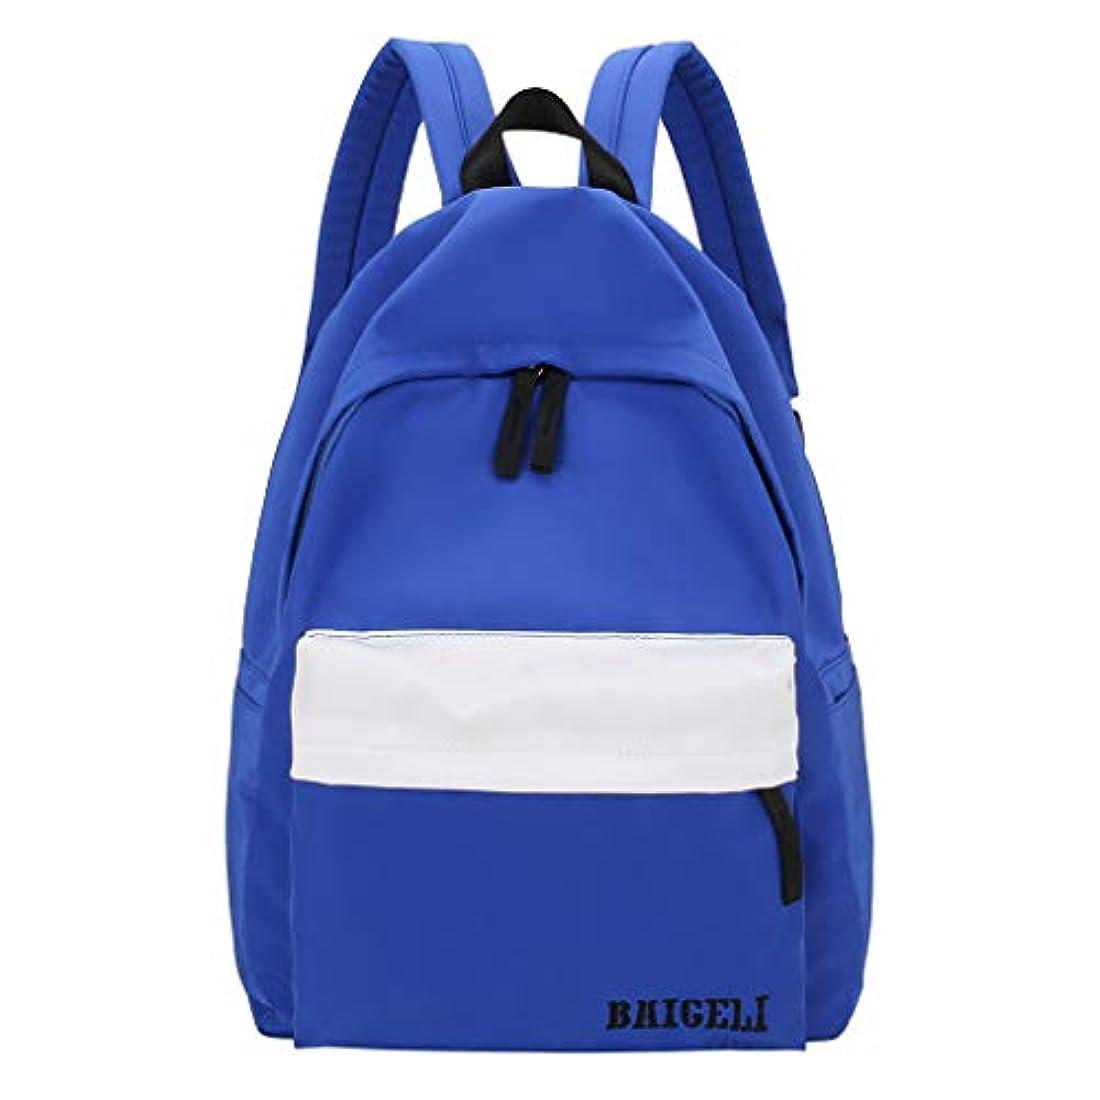 あなたはそして運ぶ女の子バッグ子どもリュックサック小学生通学遠足レディースファッションシンプルなソリッドバックパック可愛い 通勤 通学 大容量 おしゃれ 大人 ビジネスリュック カップルュックサック